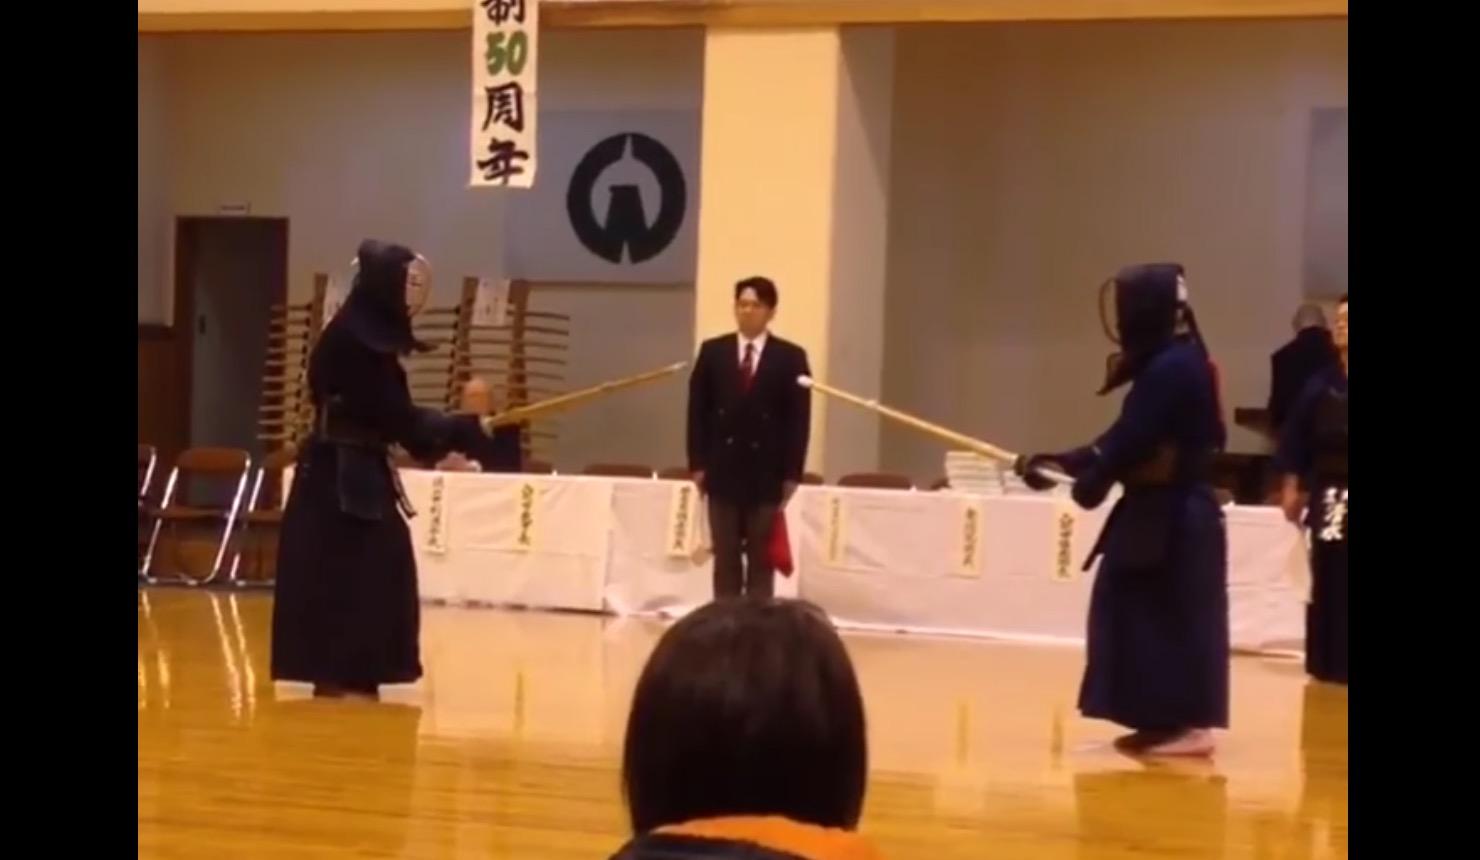 これは予想外!剣道の達人たちの大将戦が凄いと話題に!「神の領域」「こんな試合見たことない」